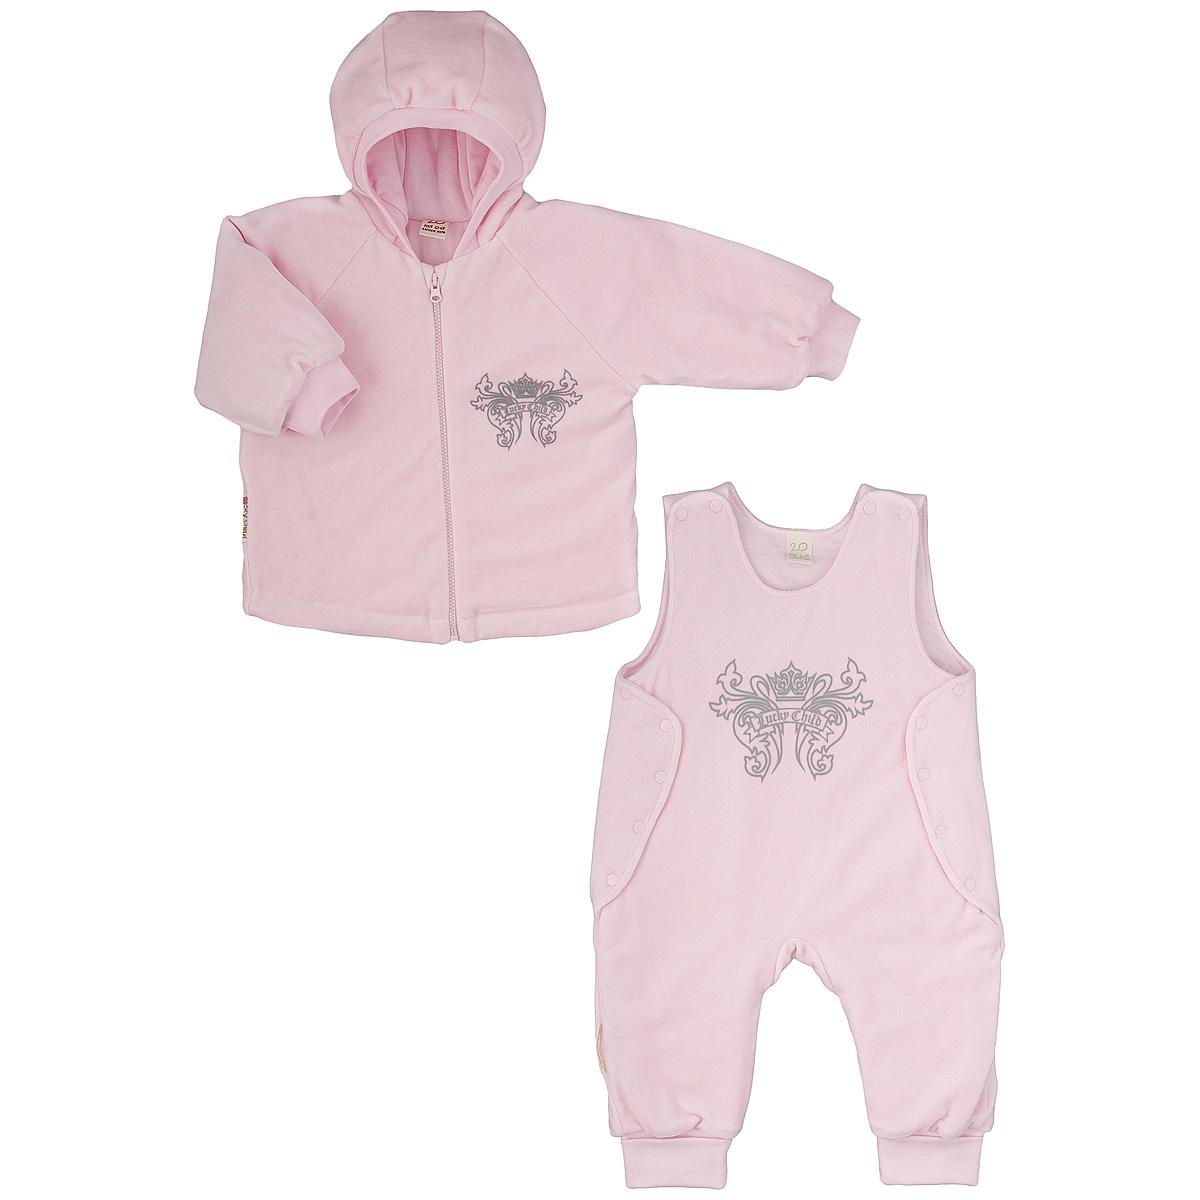 Комплект детский Lucky Child: куртка, полукомбинезон, цвет: розовый. 5-5. Размер 80/865-5Утепленный детский комплект Lucky Child идеально подойдет для ребенка в прохладное время года. Комплект состоит из куртки и полукомбинезона, изготовленных из велюра с утеплителем из синтепона, а для максимального комфорта на подкладке используется натуральный хлопок, который не раздражает нежную кожу ребенка и хорошо сохраняет тепло. Комплект необычайно мягкий и приятный на ощупь, не сковывает движения малыша и позволяет коже дышать, обеспечивая ему наибольший комфорт. Куртка с капюшоном и длинными рукавами-реглан застегивается на пластиковую застежку-молнию. Рукава дополнены широкими трикотажными манжетами, не стягивающими запястья. На груди она оформлена оригинальным принтом в виде логотипа бренда. Полукомбинезон застегивается сверху на кнопки, а по бокам дополнен специальными клапанами на кнопках, которые позволяют без труда переодеть малыша. Снизу брючин предусмотрены широкие трикотажные манжеты. На груди он декорирован таким же рисунком, как на куртке. Комфортный, удобный и практичный этот комплект идеально подойдет для прогулок и игр на свежем воздухе!